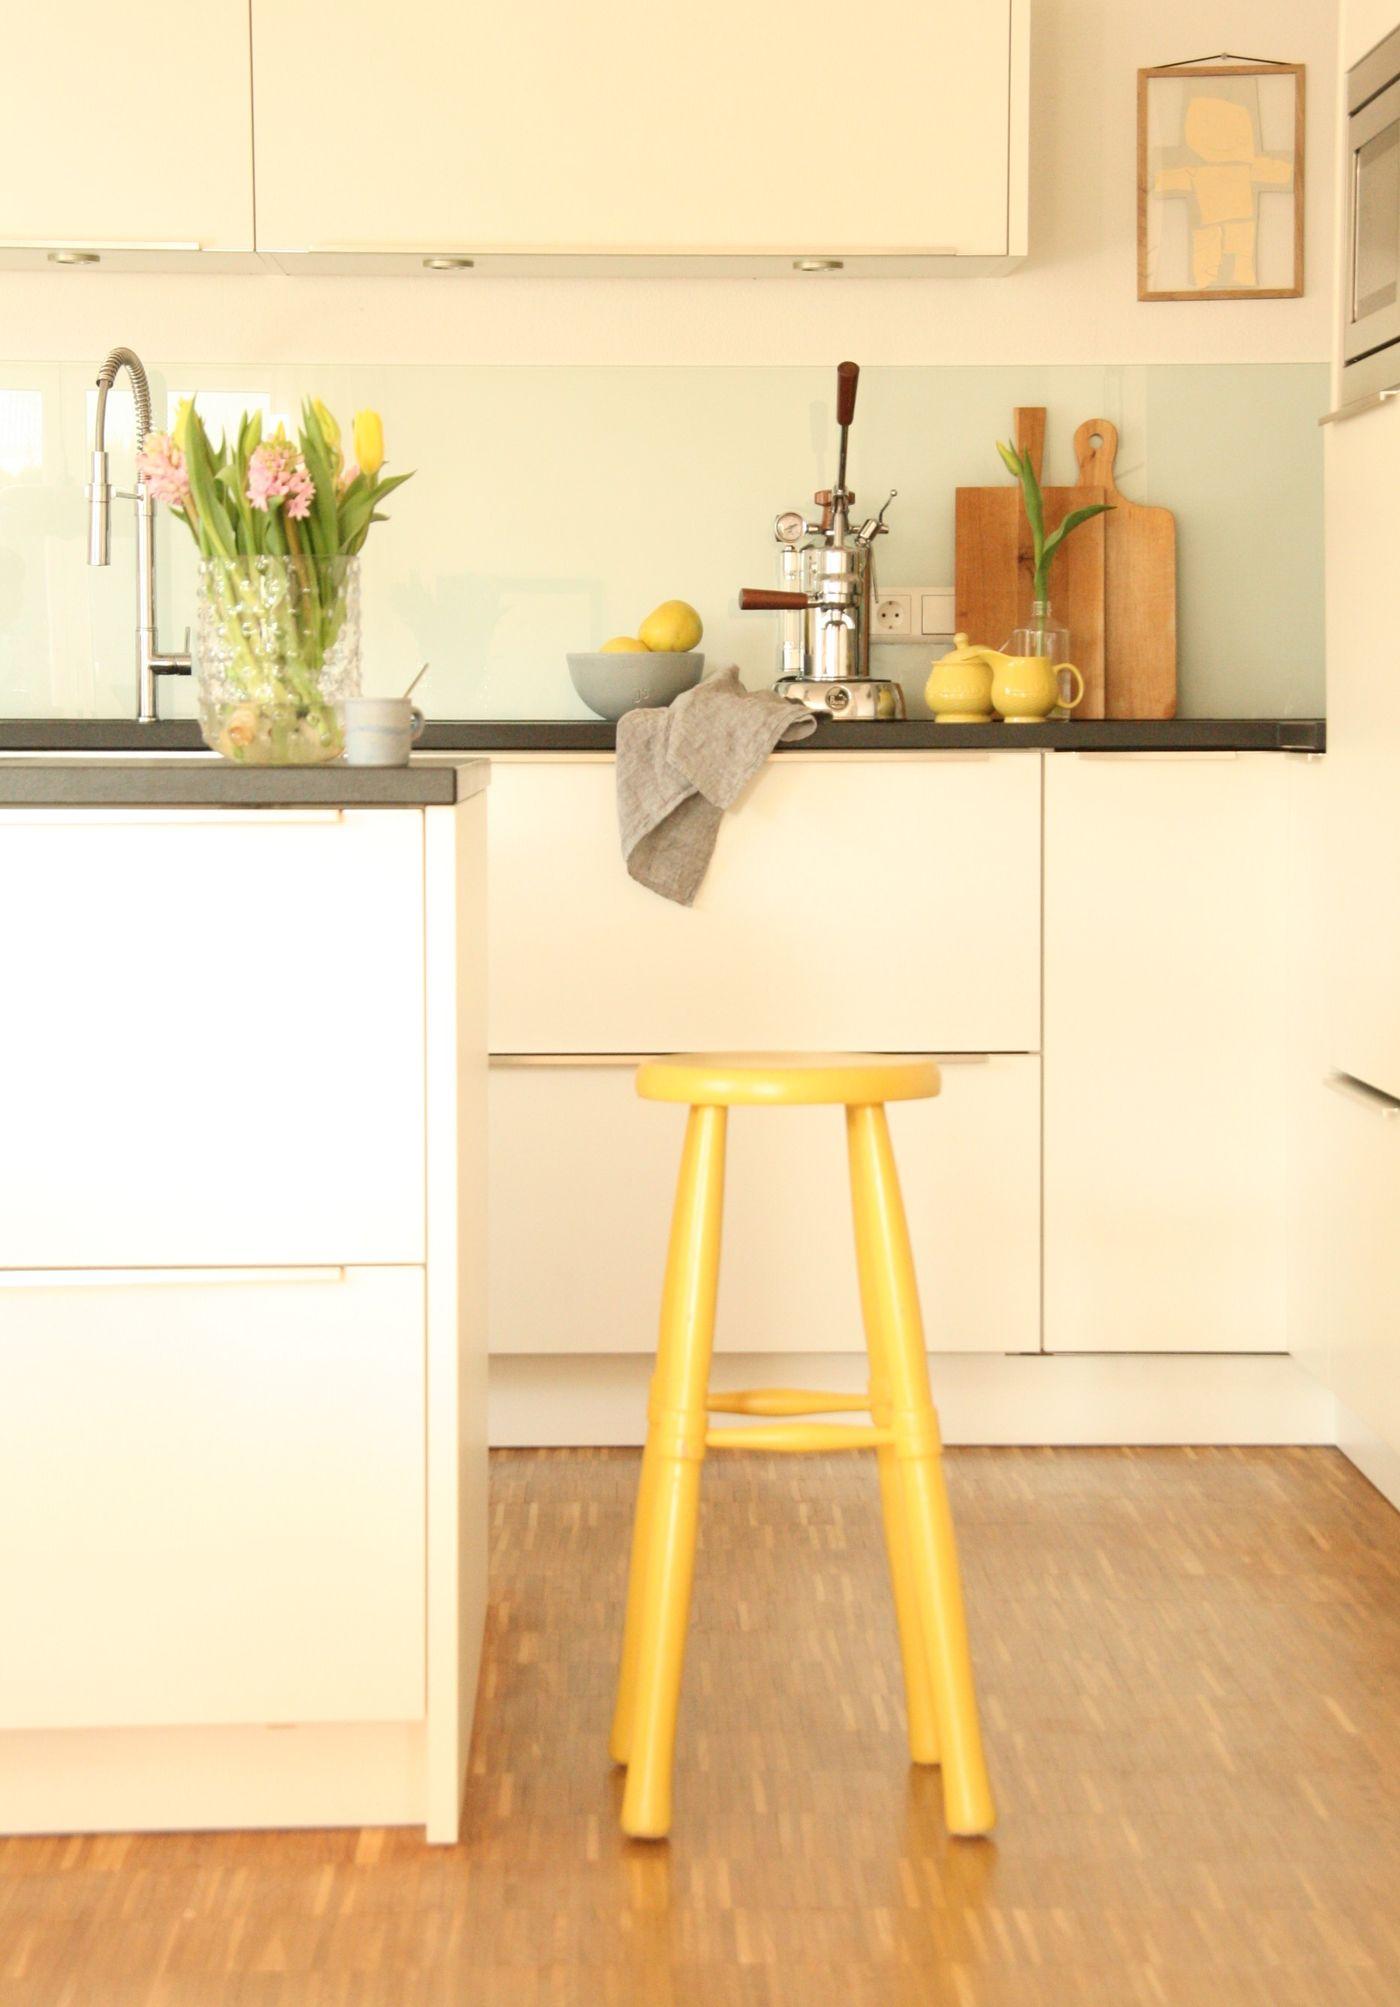 die sch nsten ideen f r deine k cheninsel k chenblock. Black Bedroom Furniture Sets. Home Design Ideas